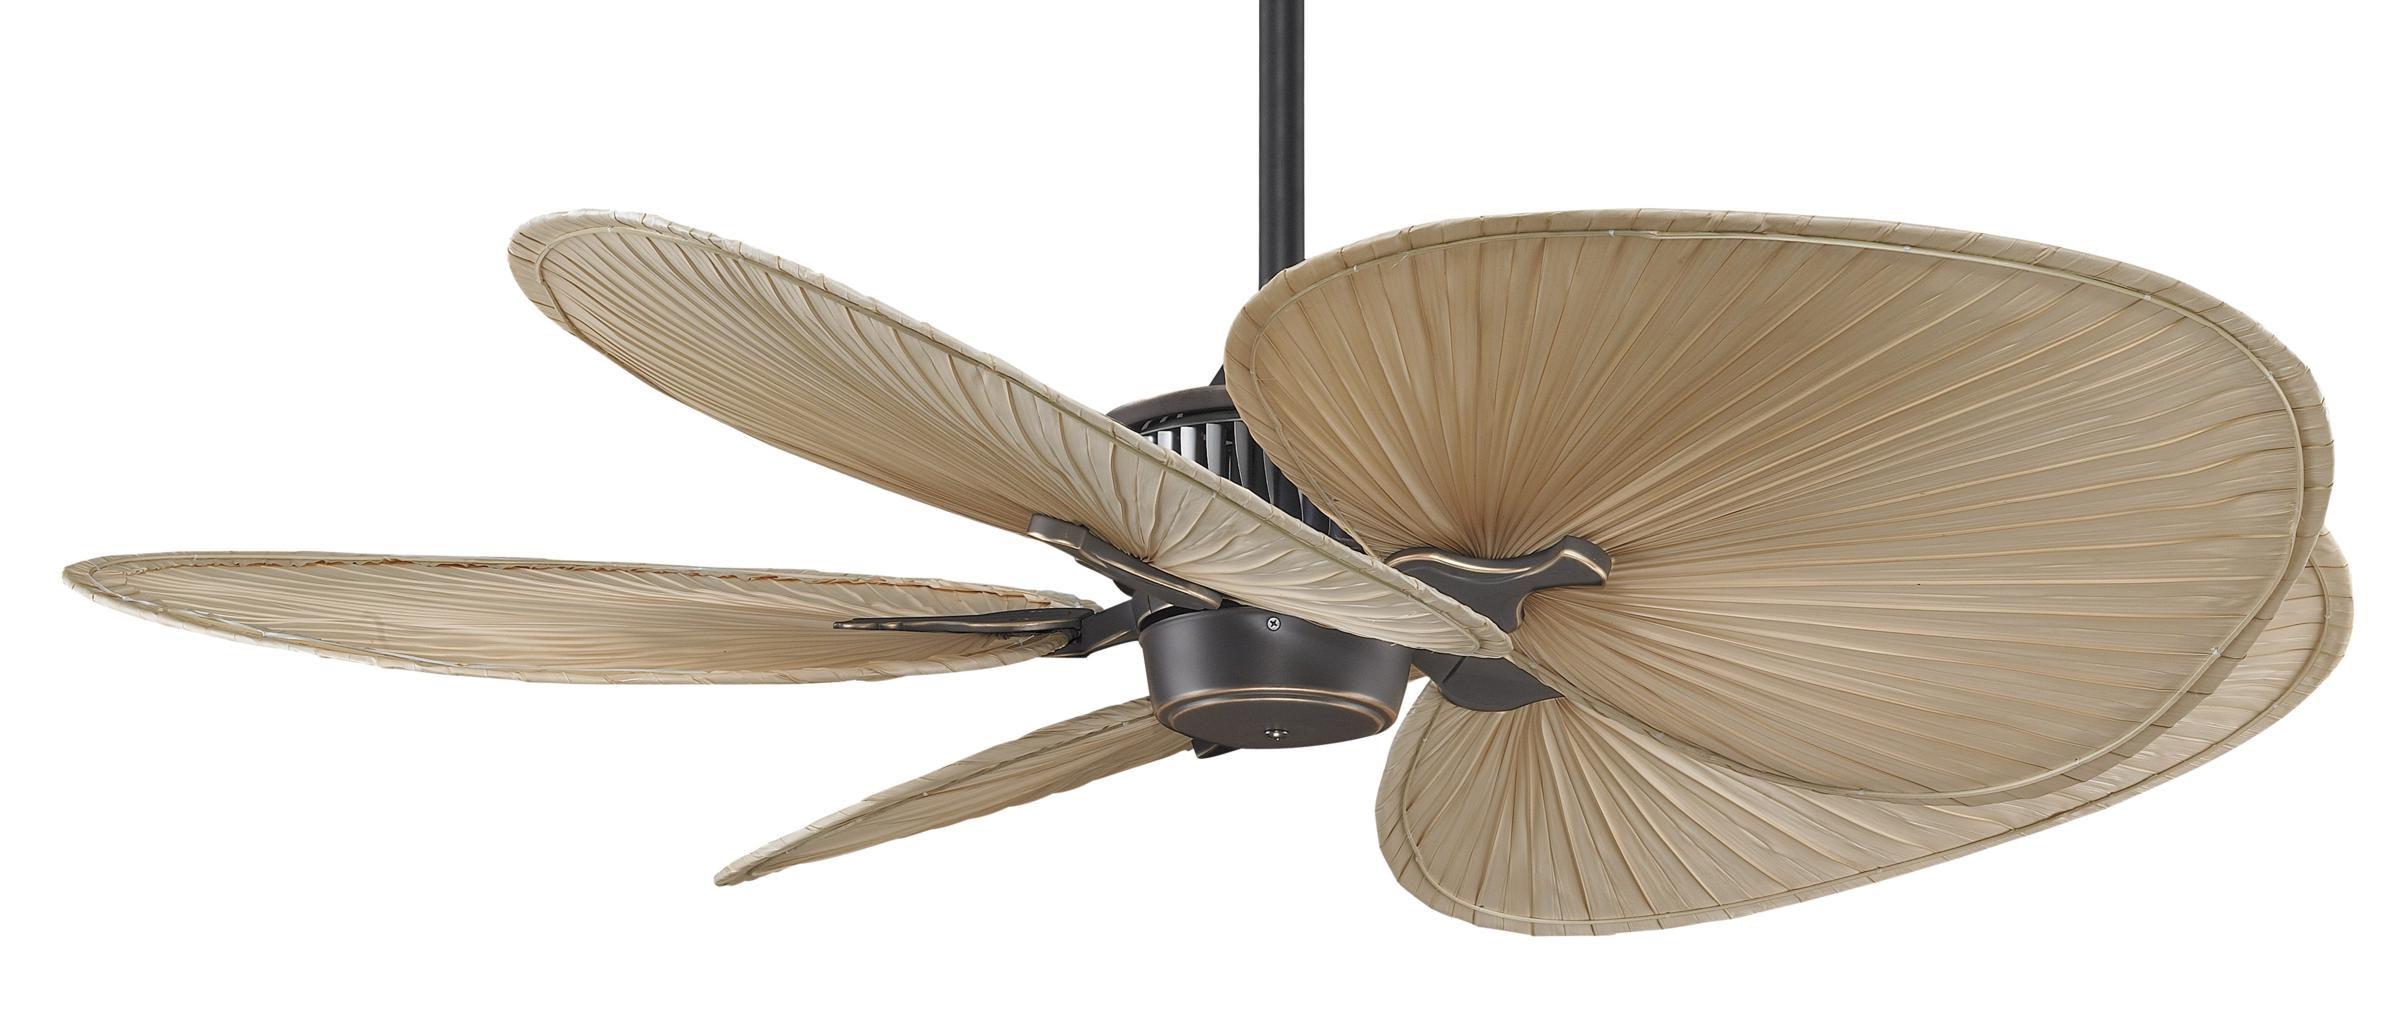 Palm frond ceiling fan